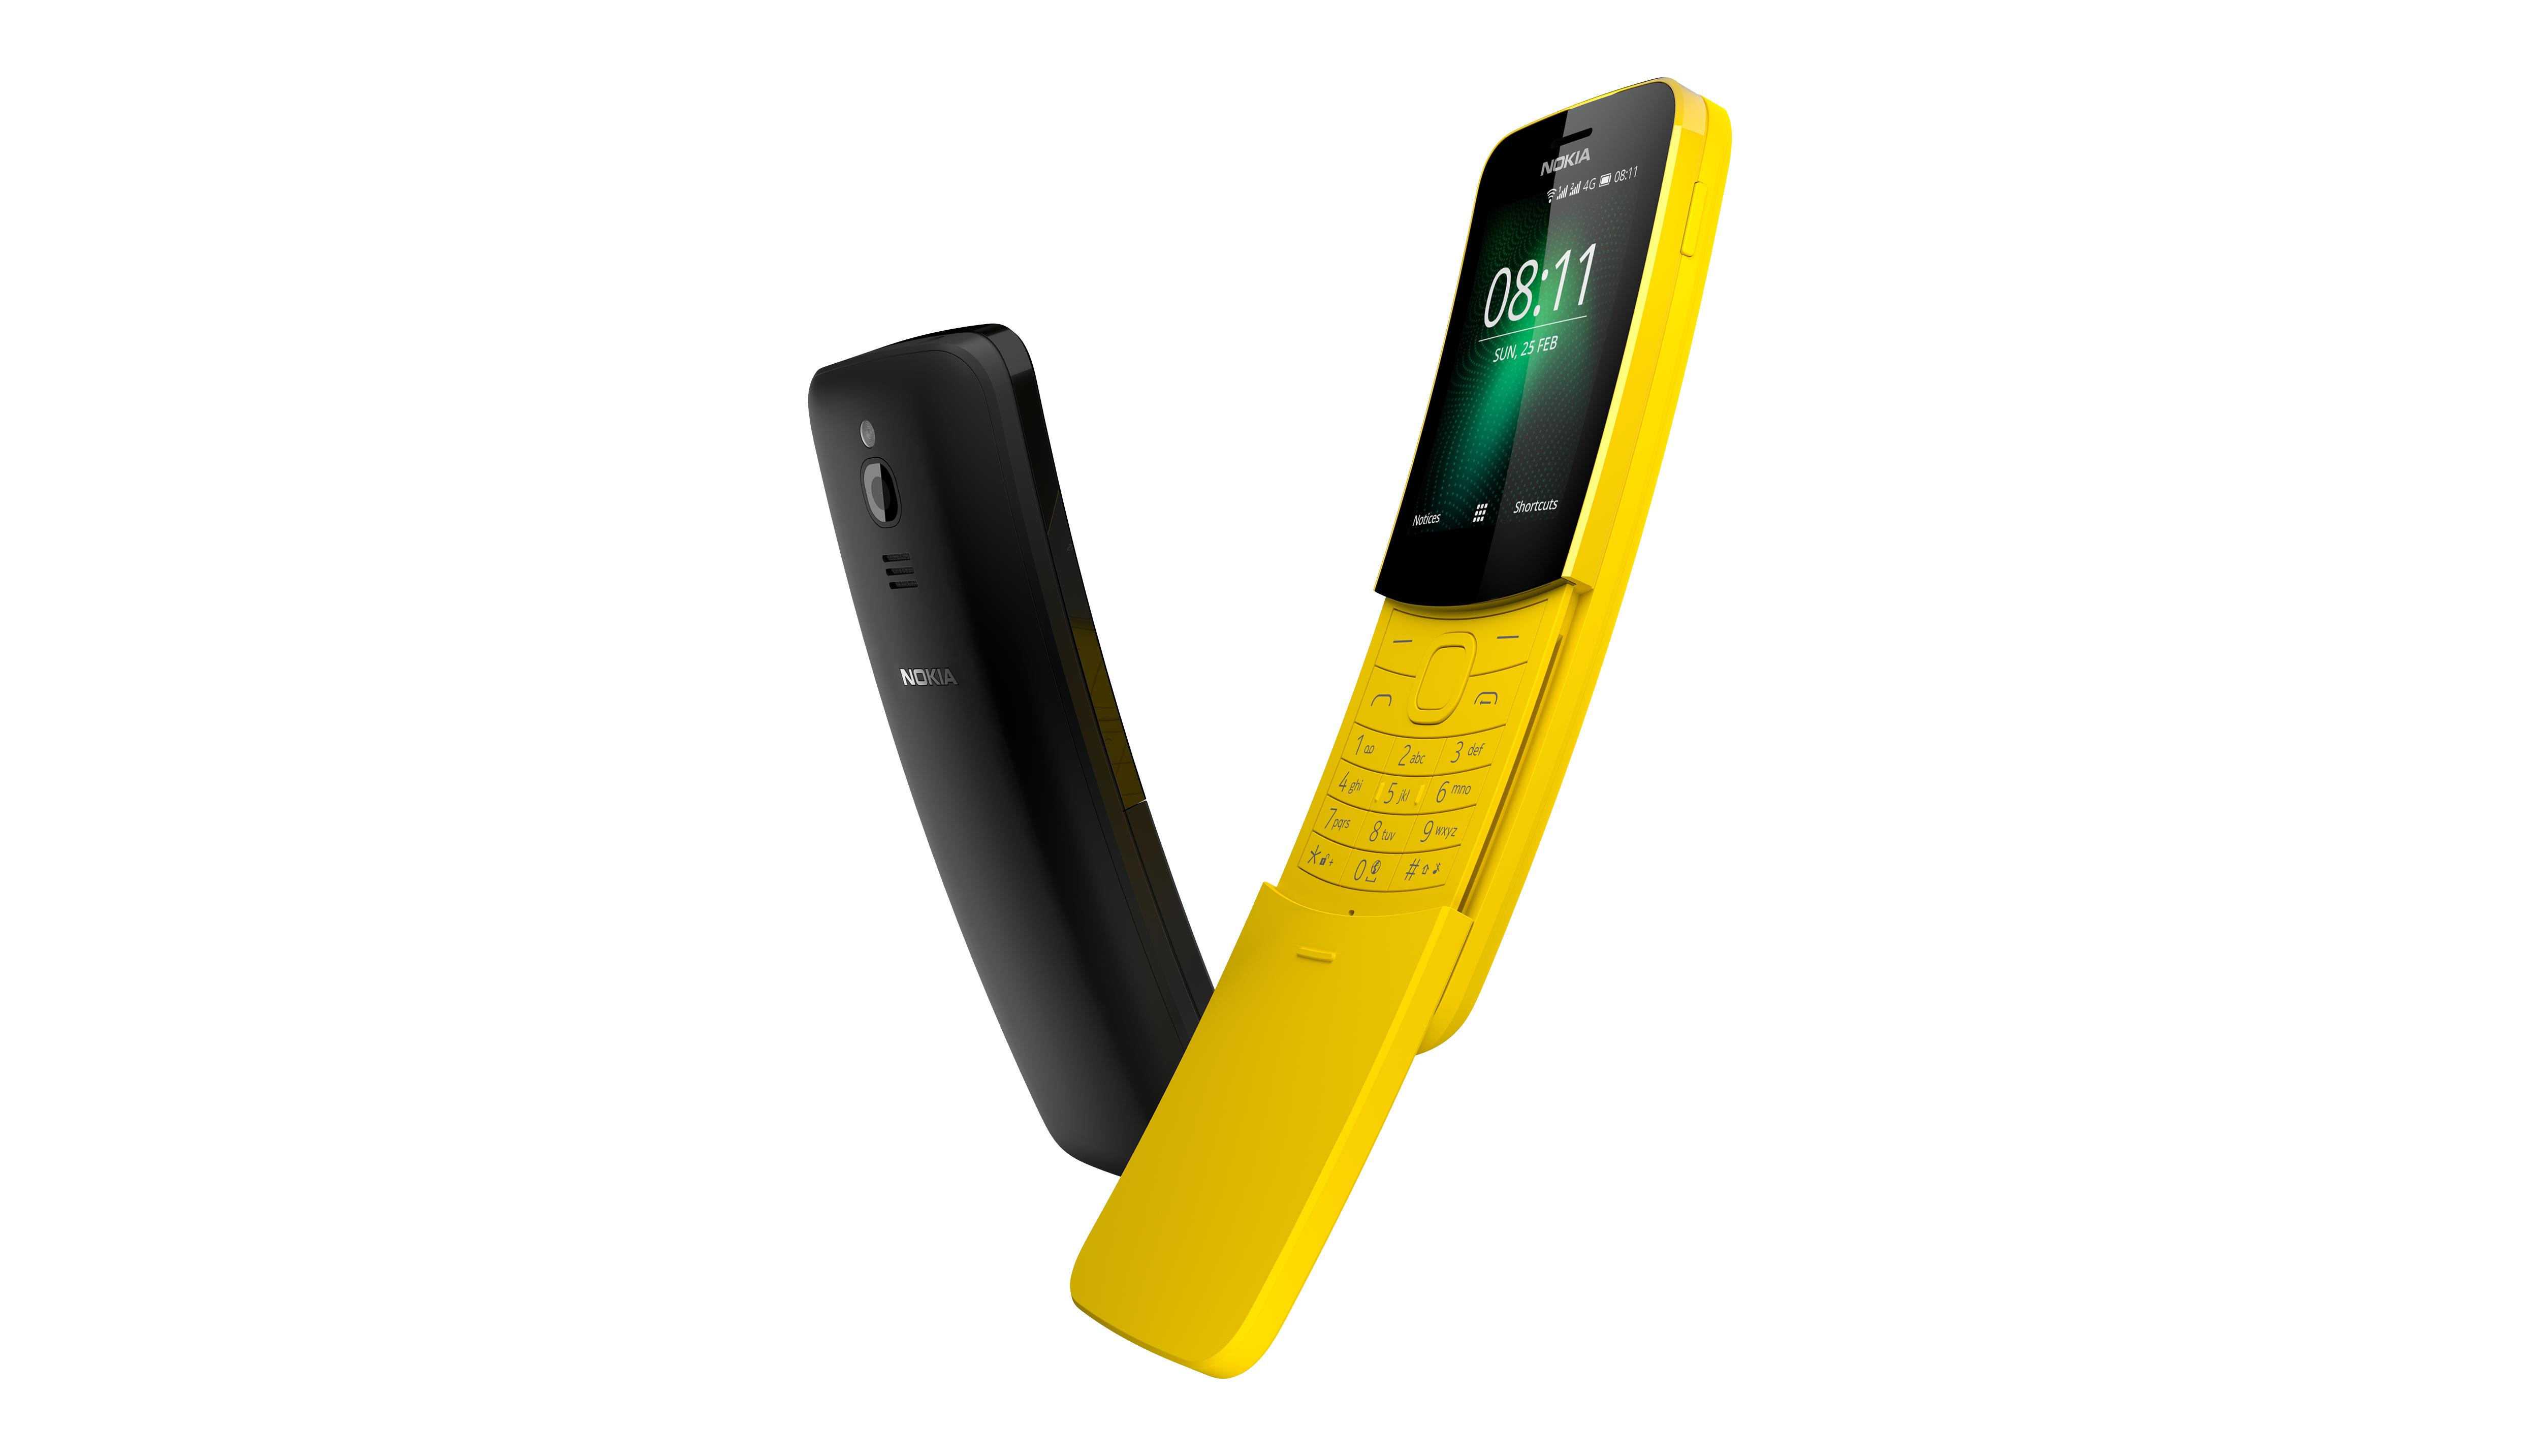 Nokia bringt das 8110 neu raus